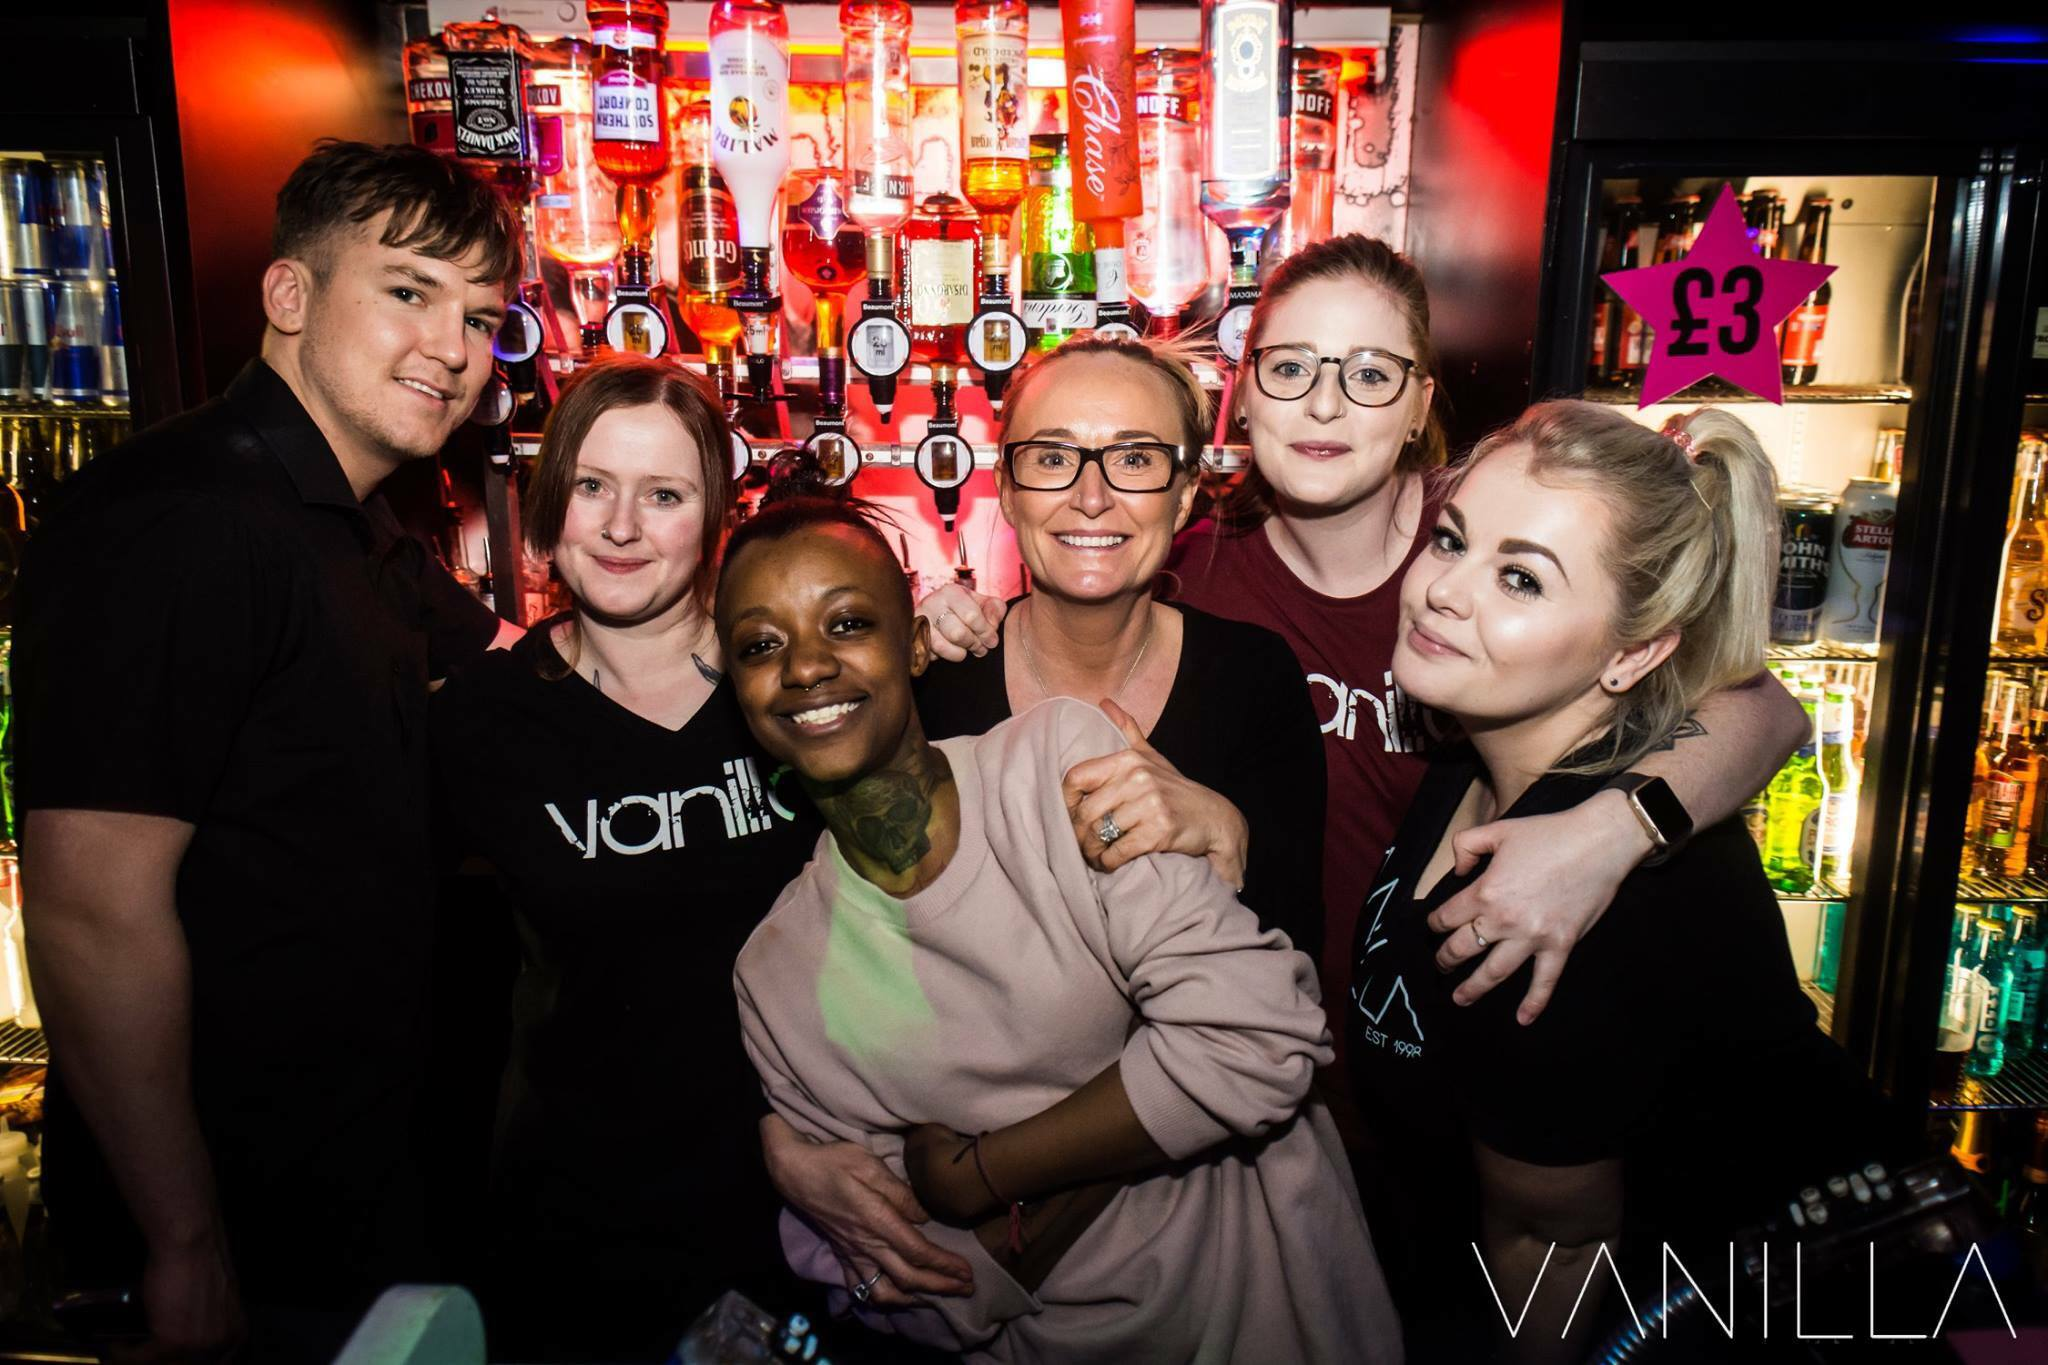 Le Vanilla à Manchester, le représentant de la communauté lesbienne